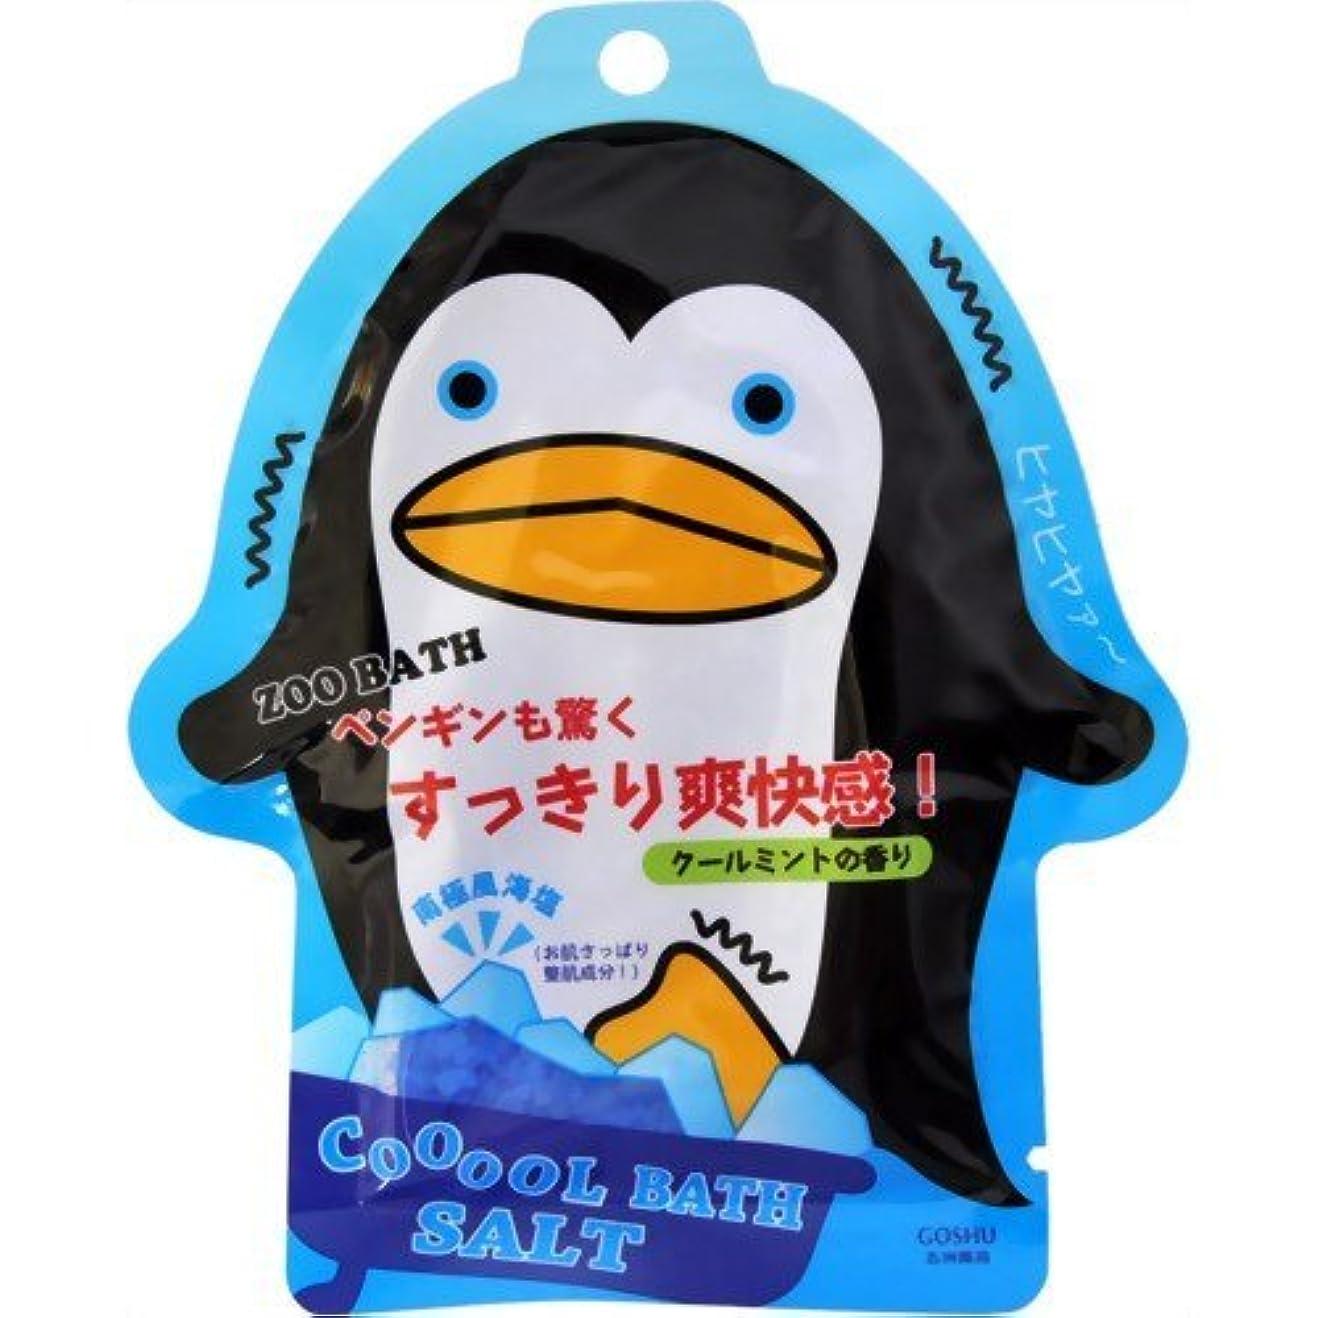 フィルタふさわしい検索エンジンマーケティングズーバス ペンギン バスソルト 50g(入浴剤 バスソルト)